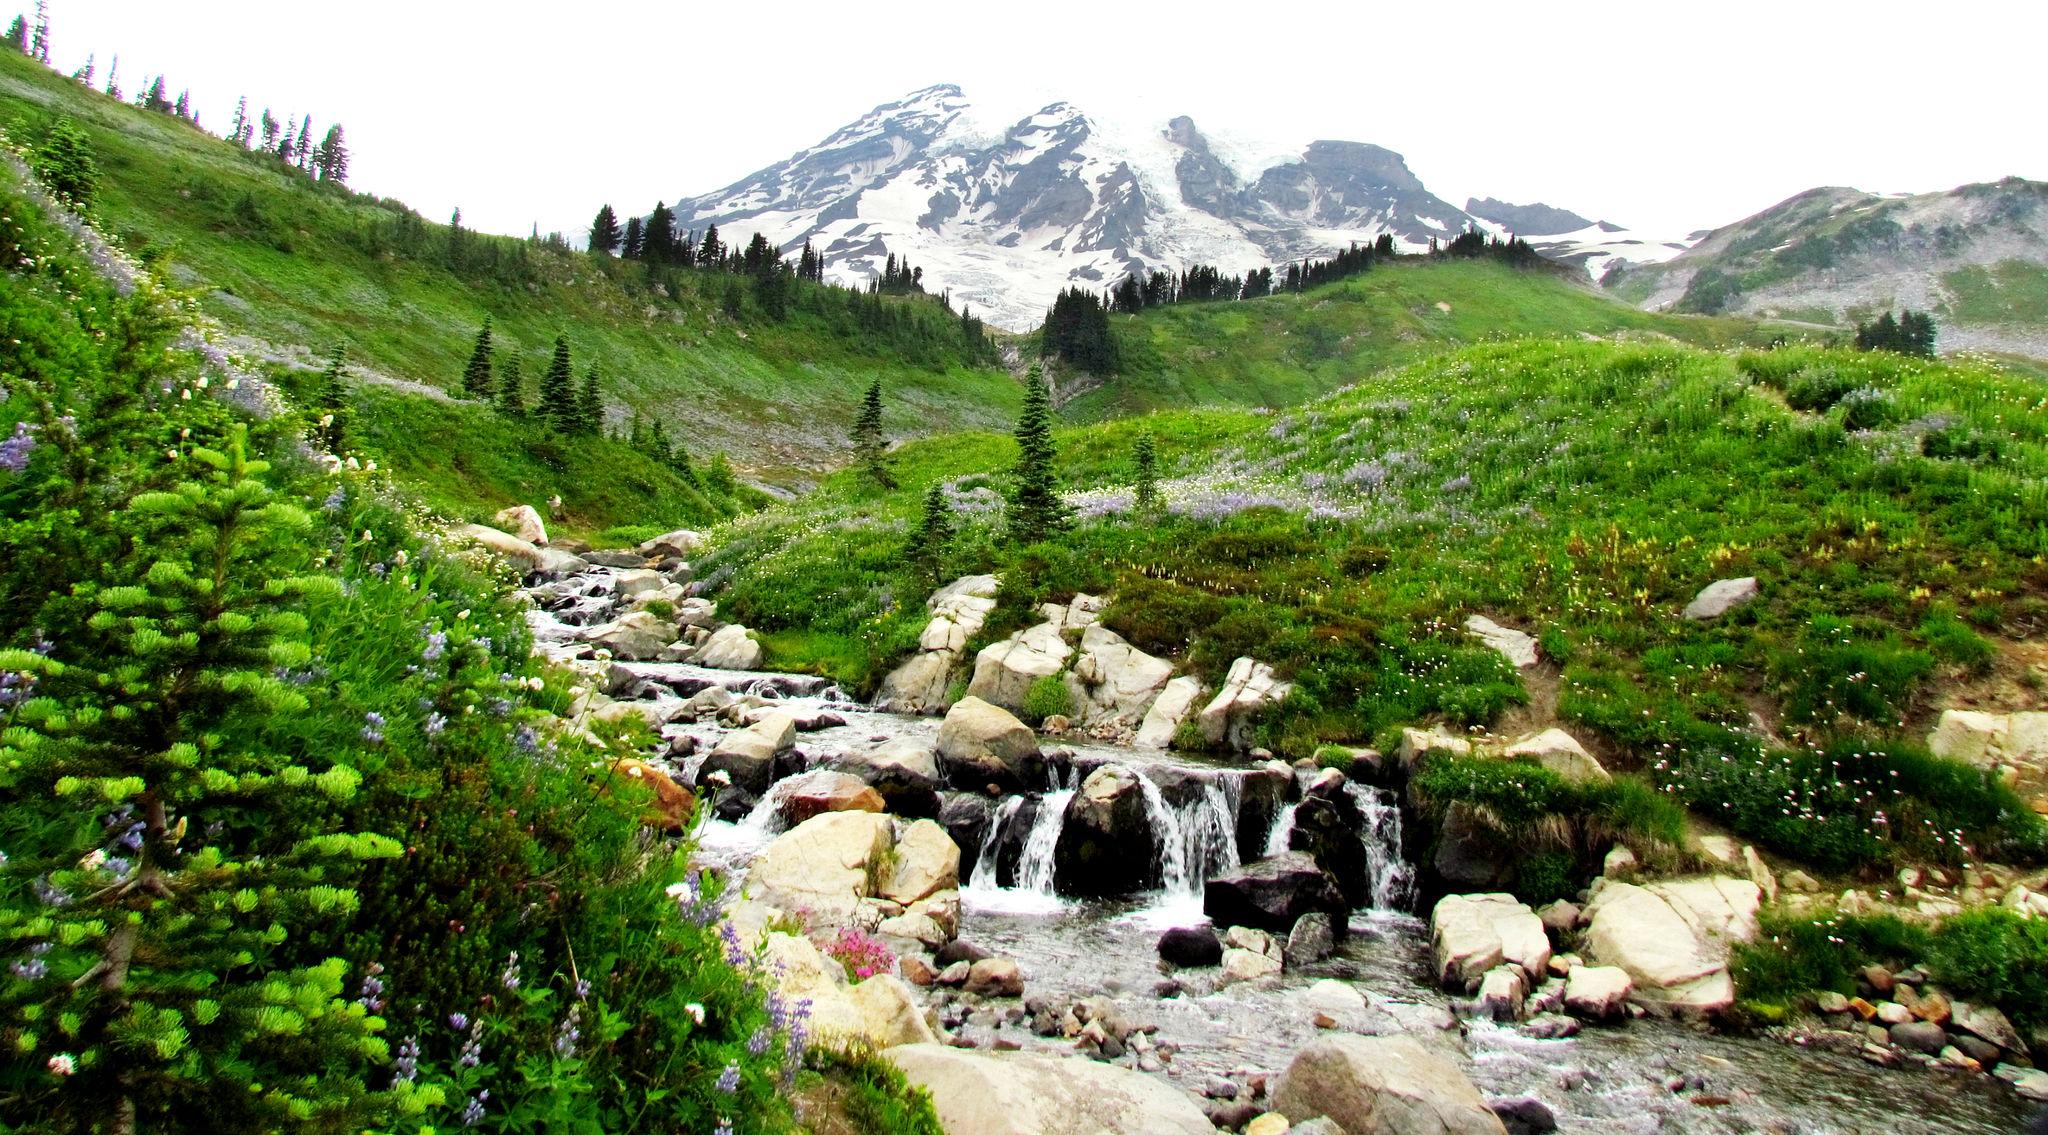 mount rainer national park.jpg